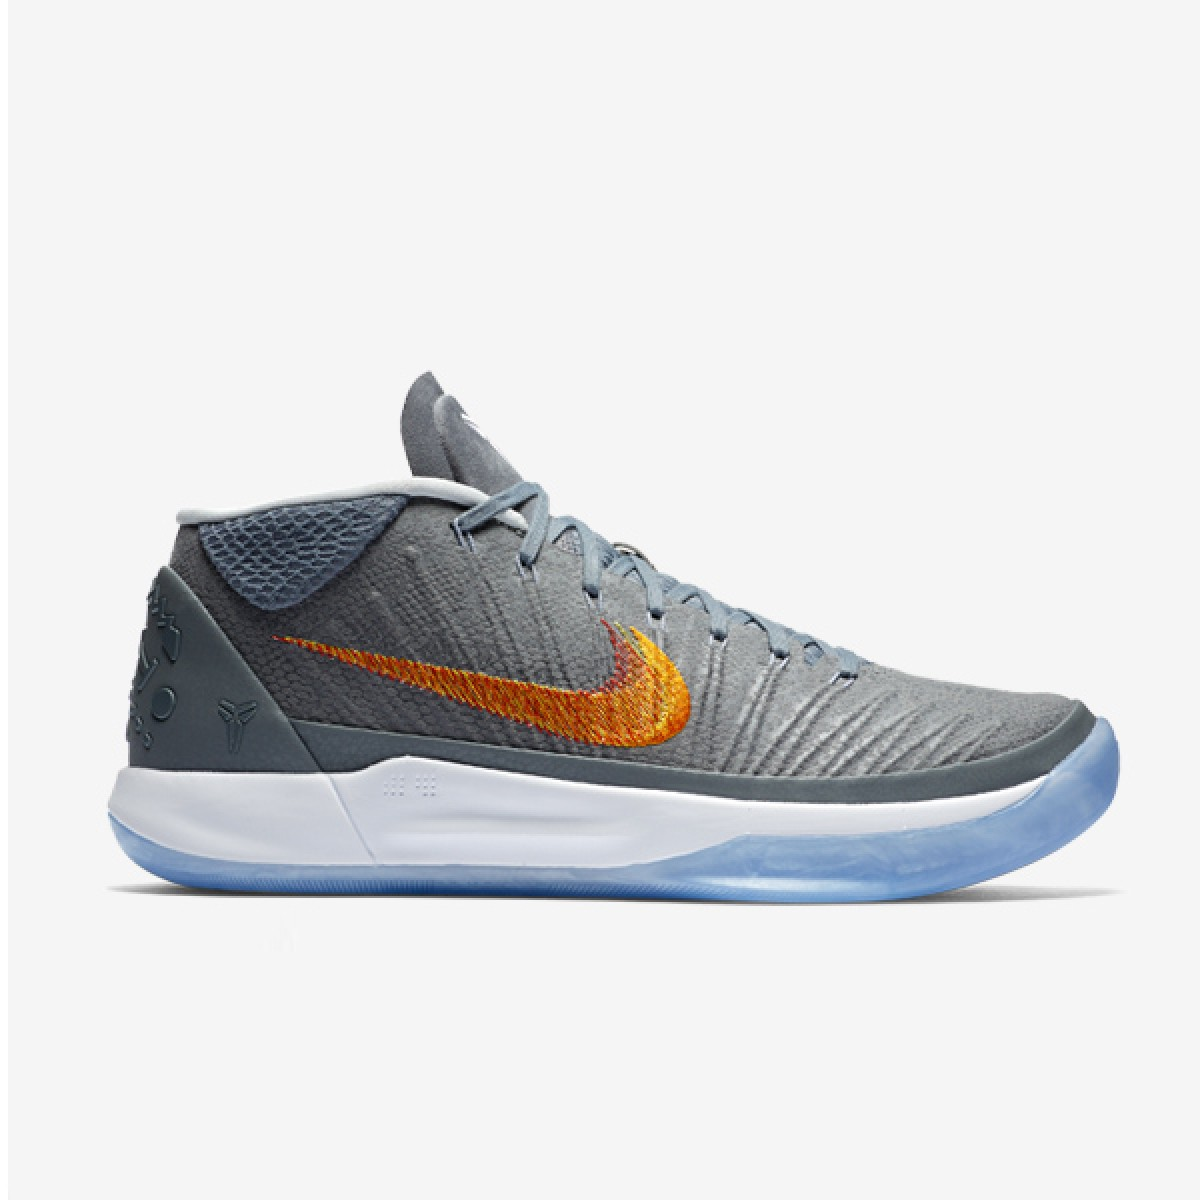 Nike Kobe AD Mid 'Chrome'